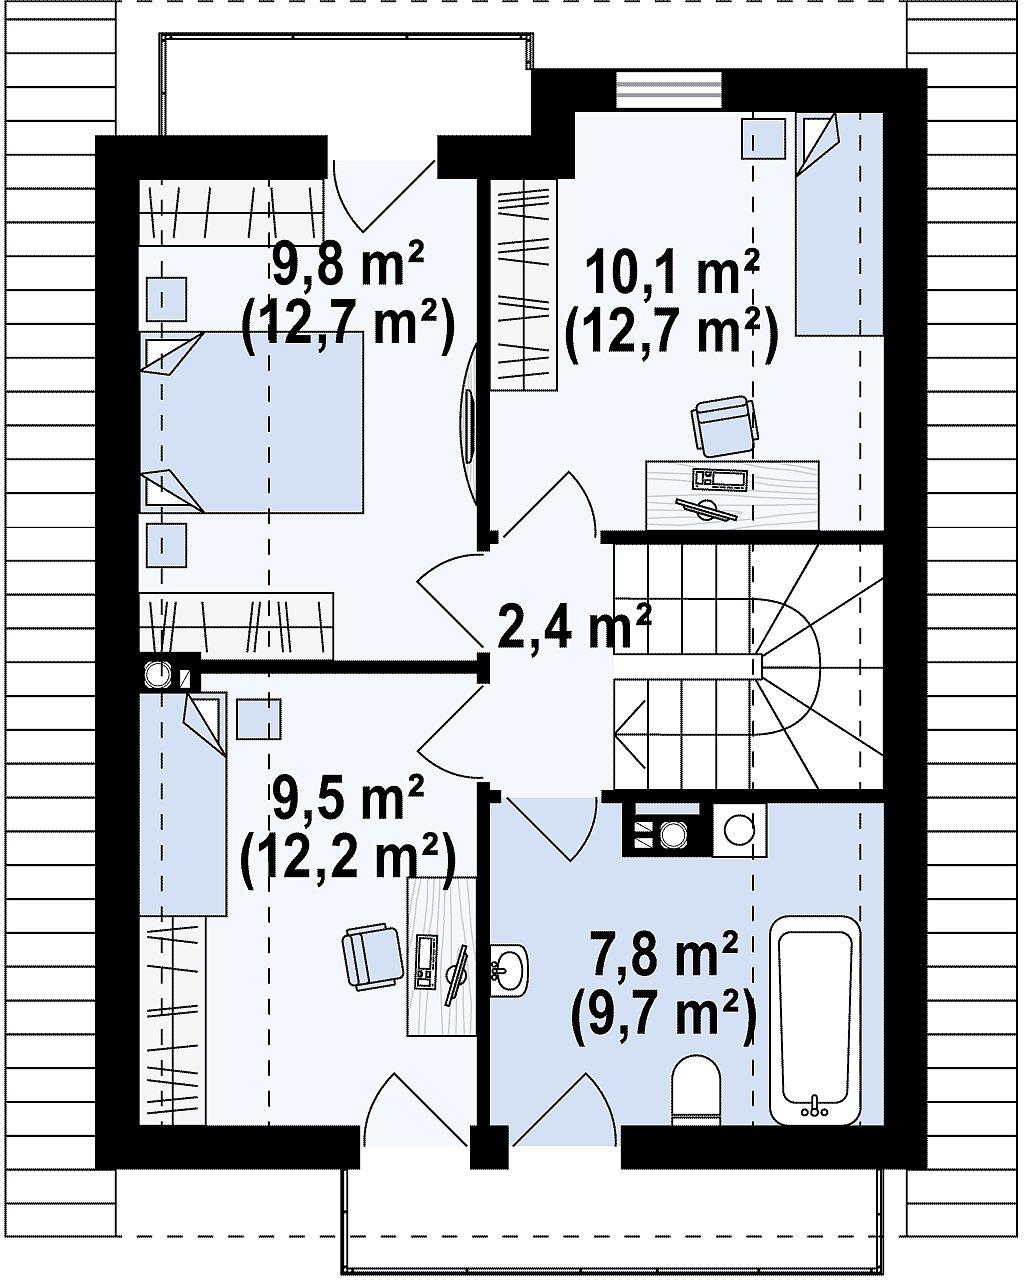 Компактный и удобный дом традиционной формы, подходящий, также, для узкого участка. план помещений 2